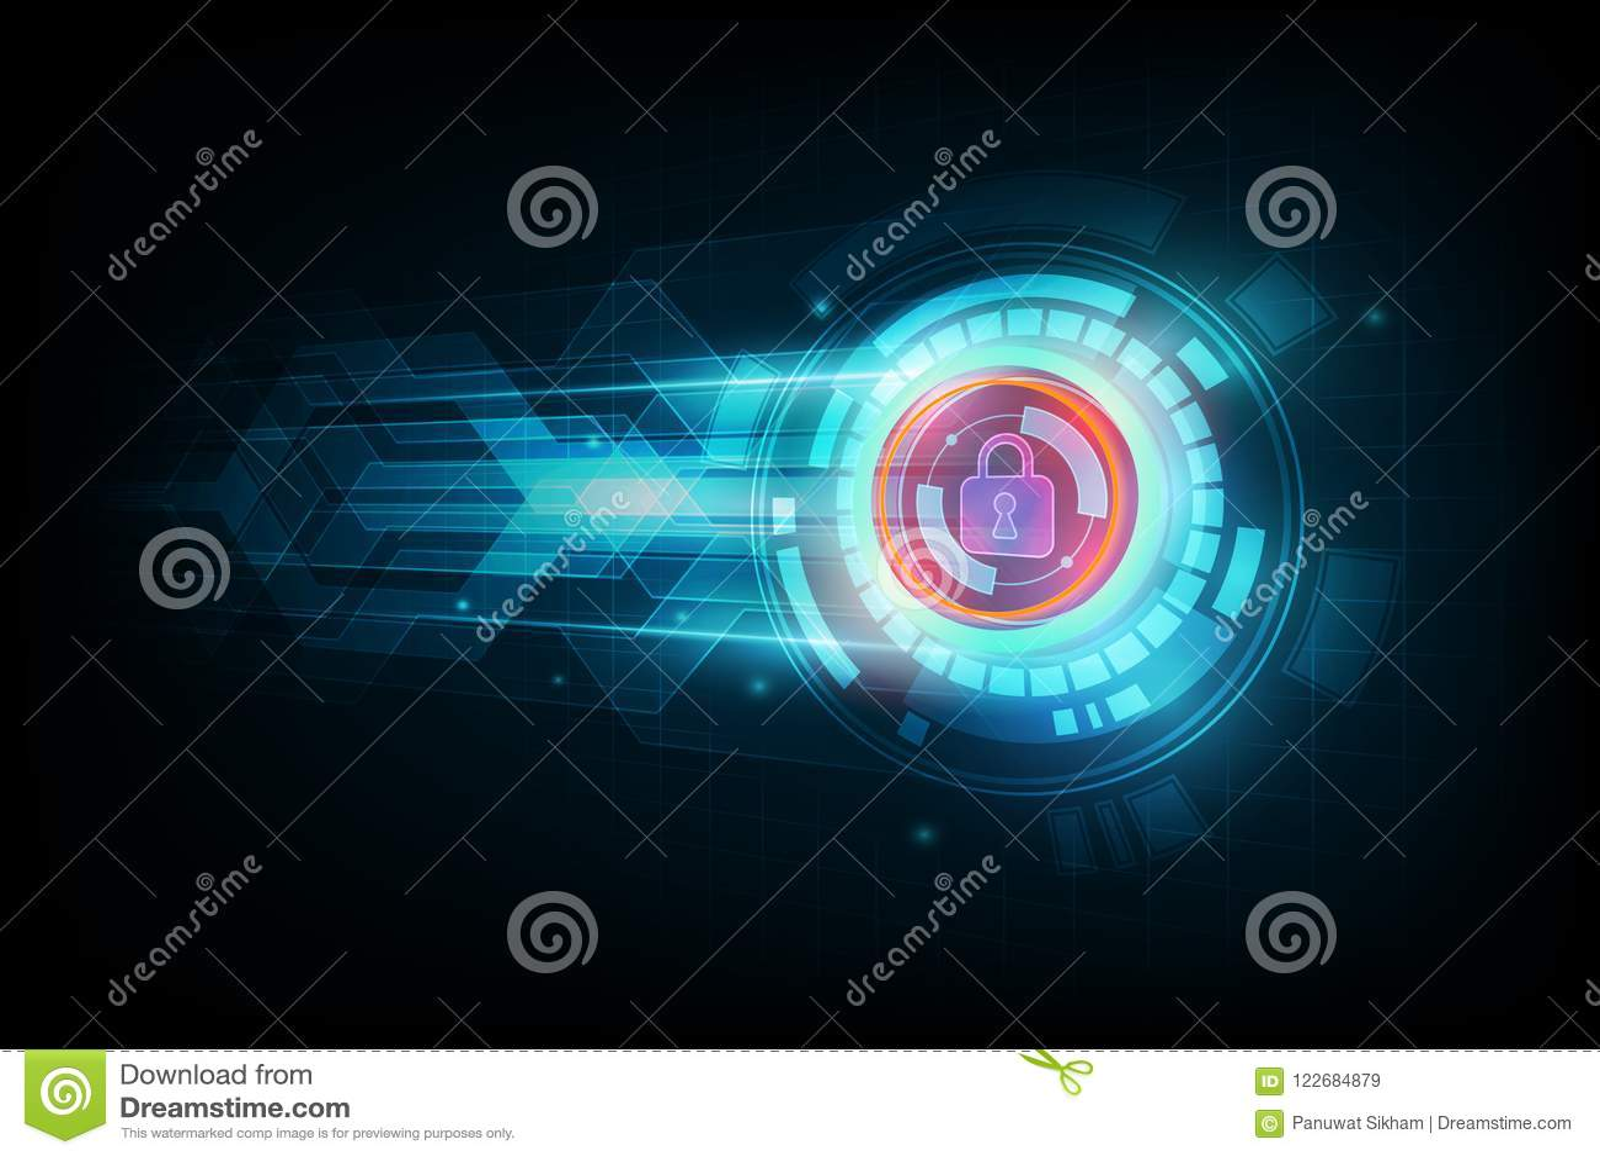 Concepto abstracto de la seguridad de datos y techno electrónico futurista